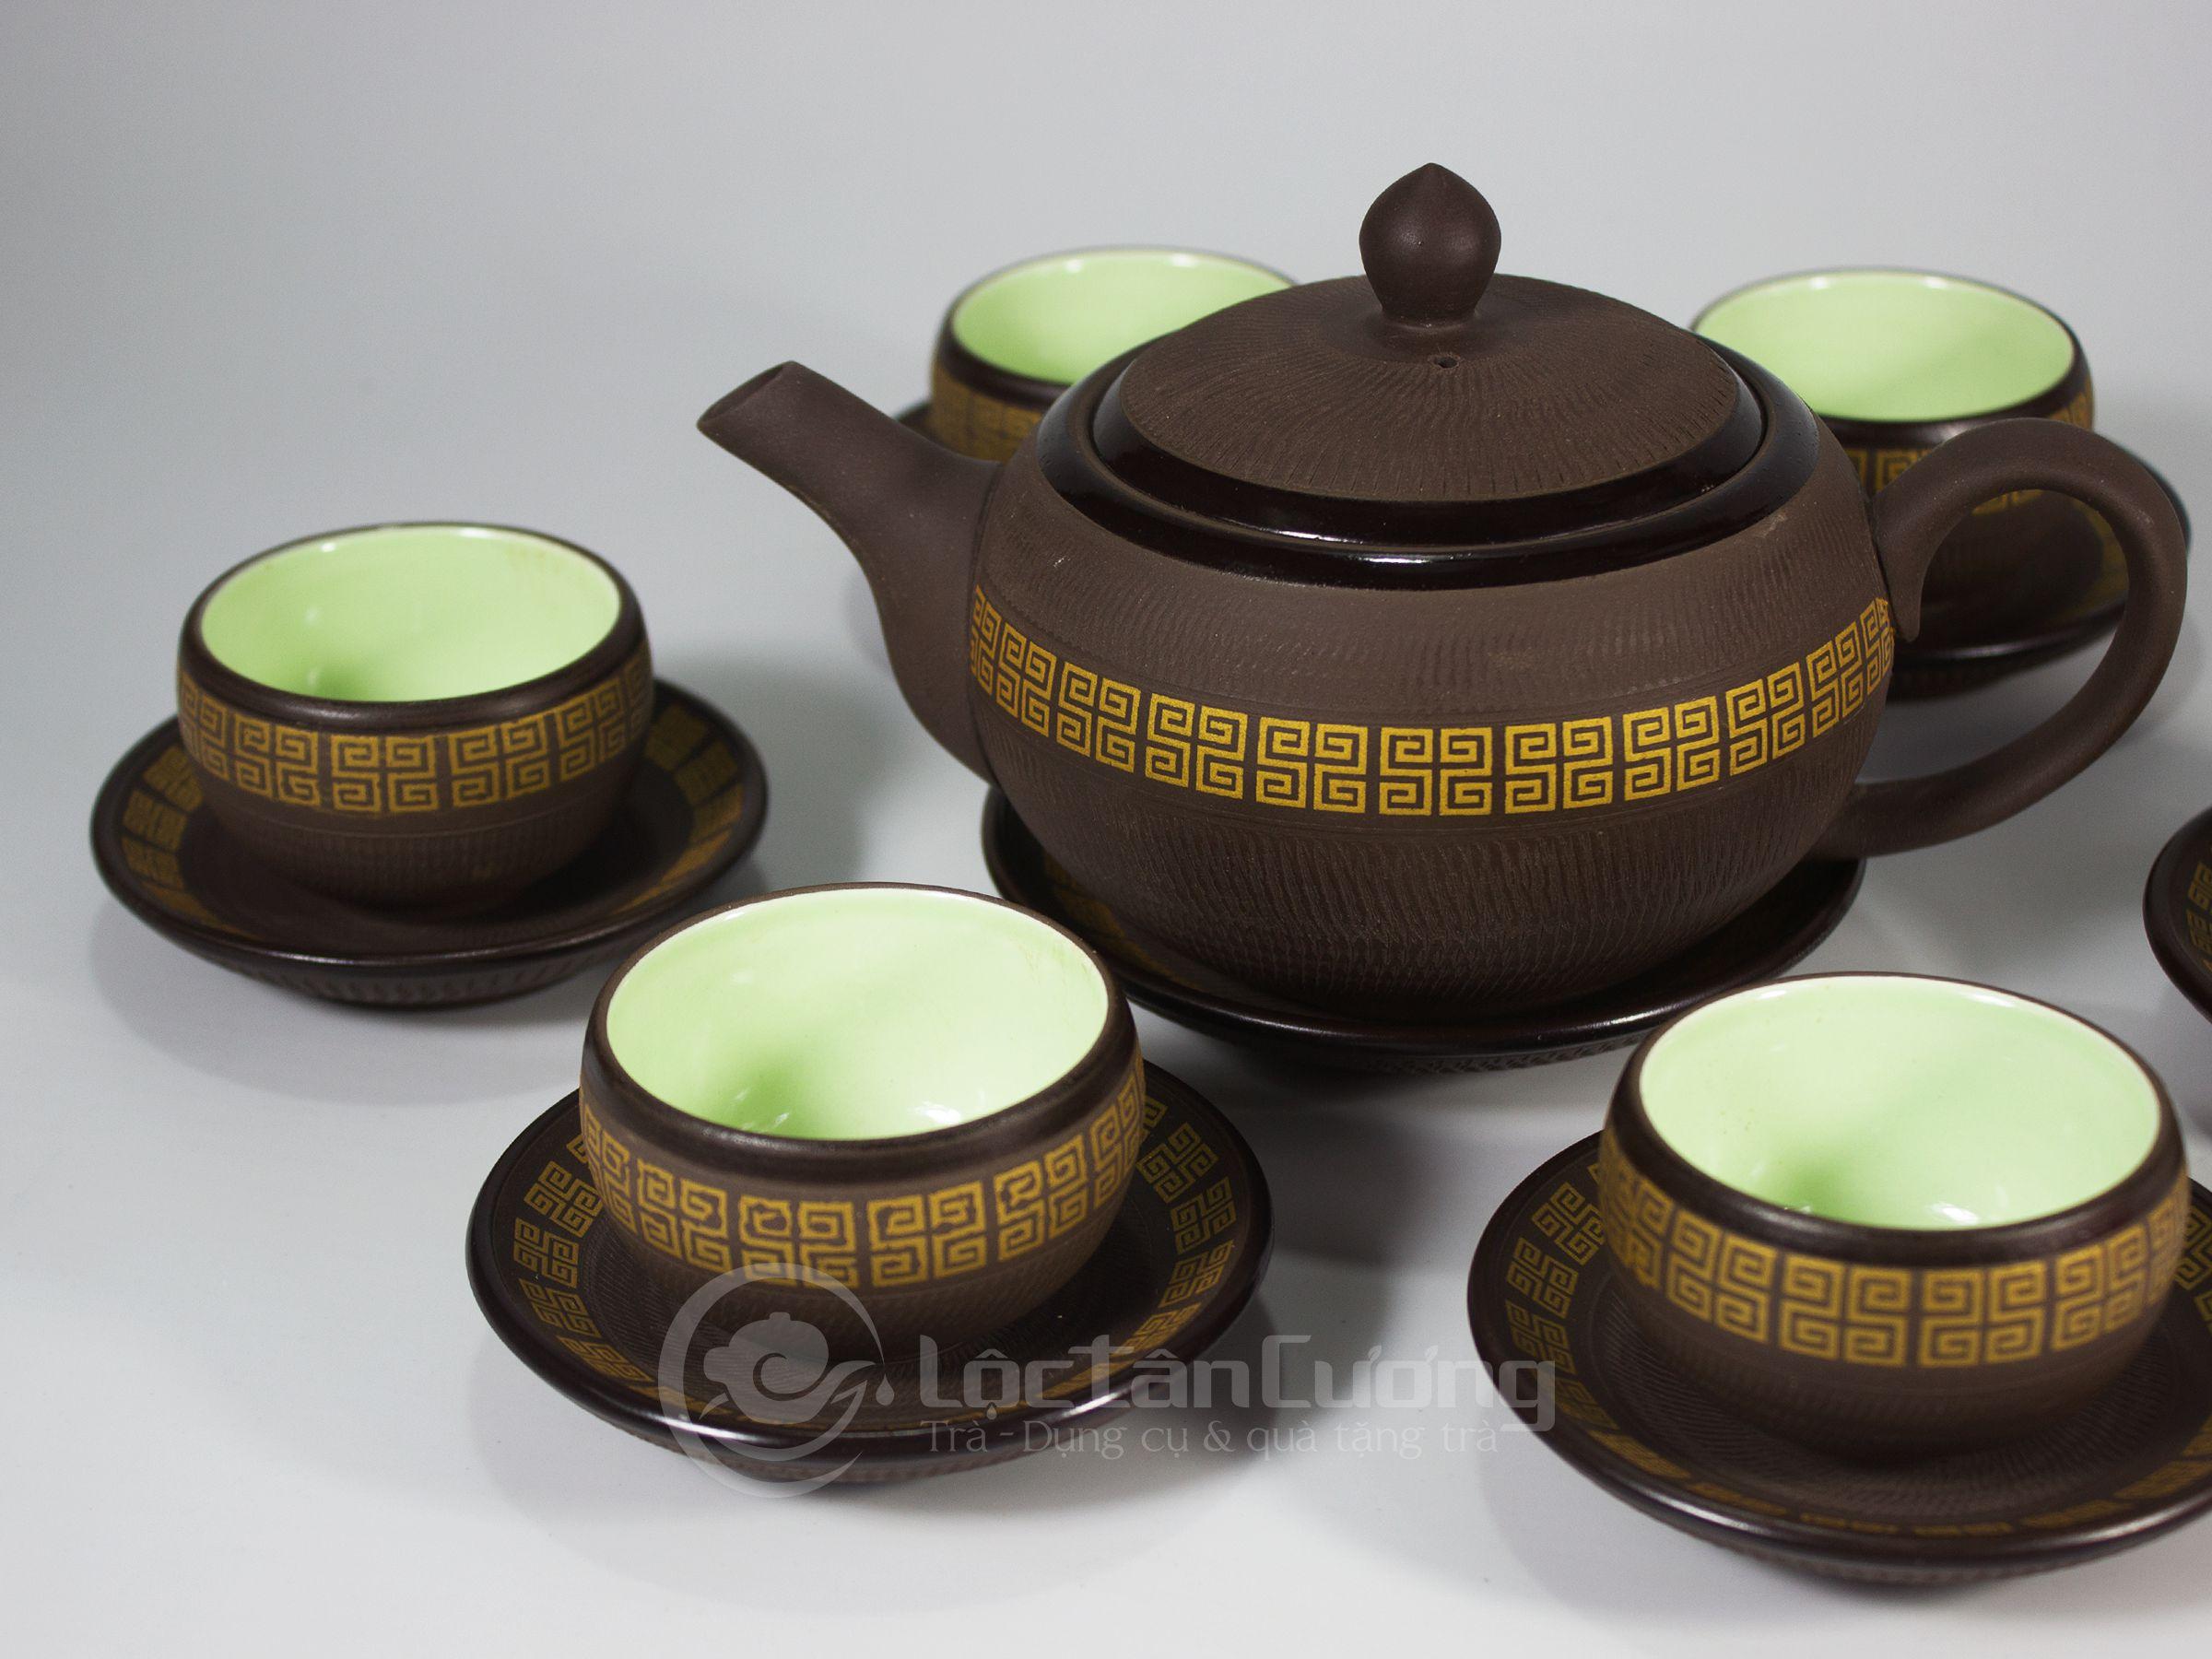 Màu của lòng chén là màu xanh nhẹ, tạo cảm giác nước trà đẹp và mát mẻ khi thưởng thức trà